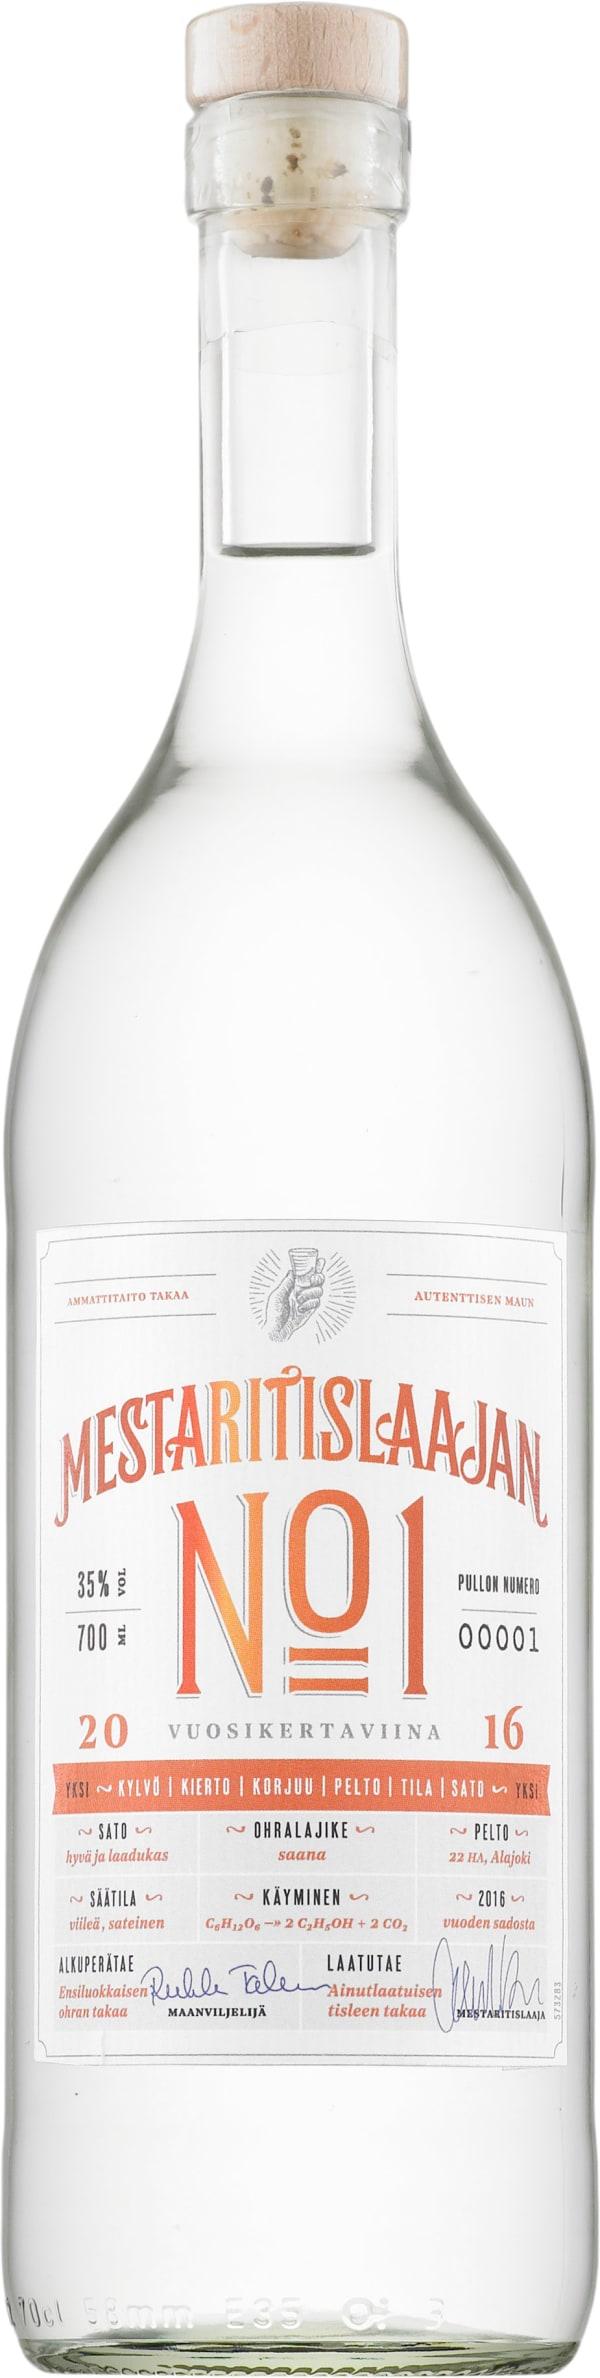 Mestaritislaajan No 1 2017